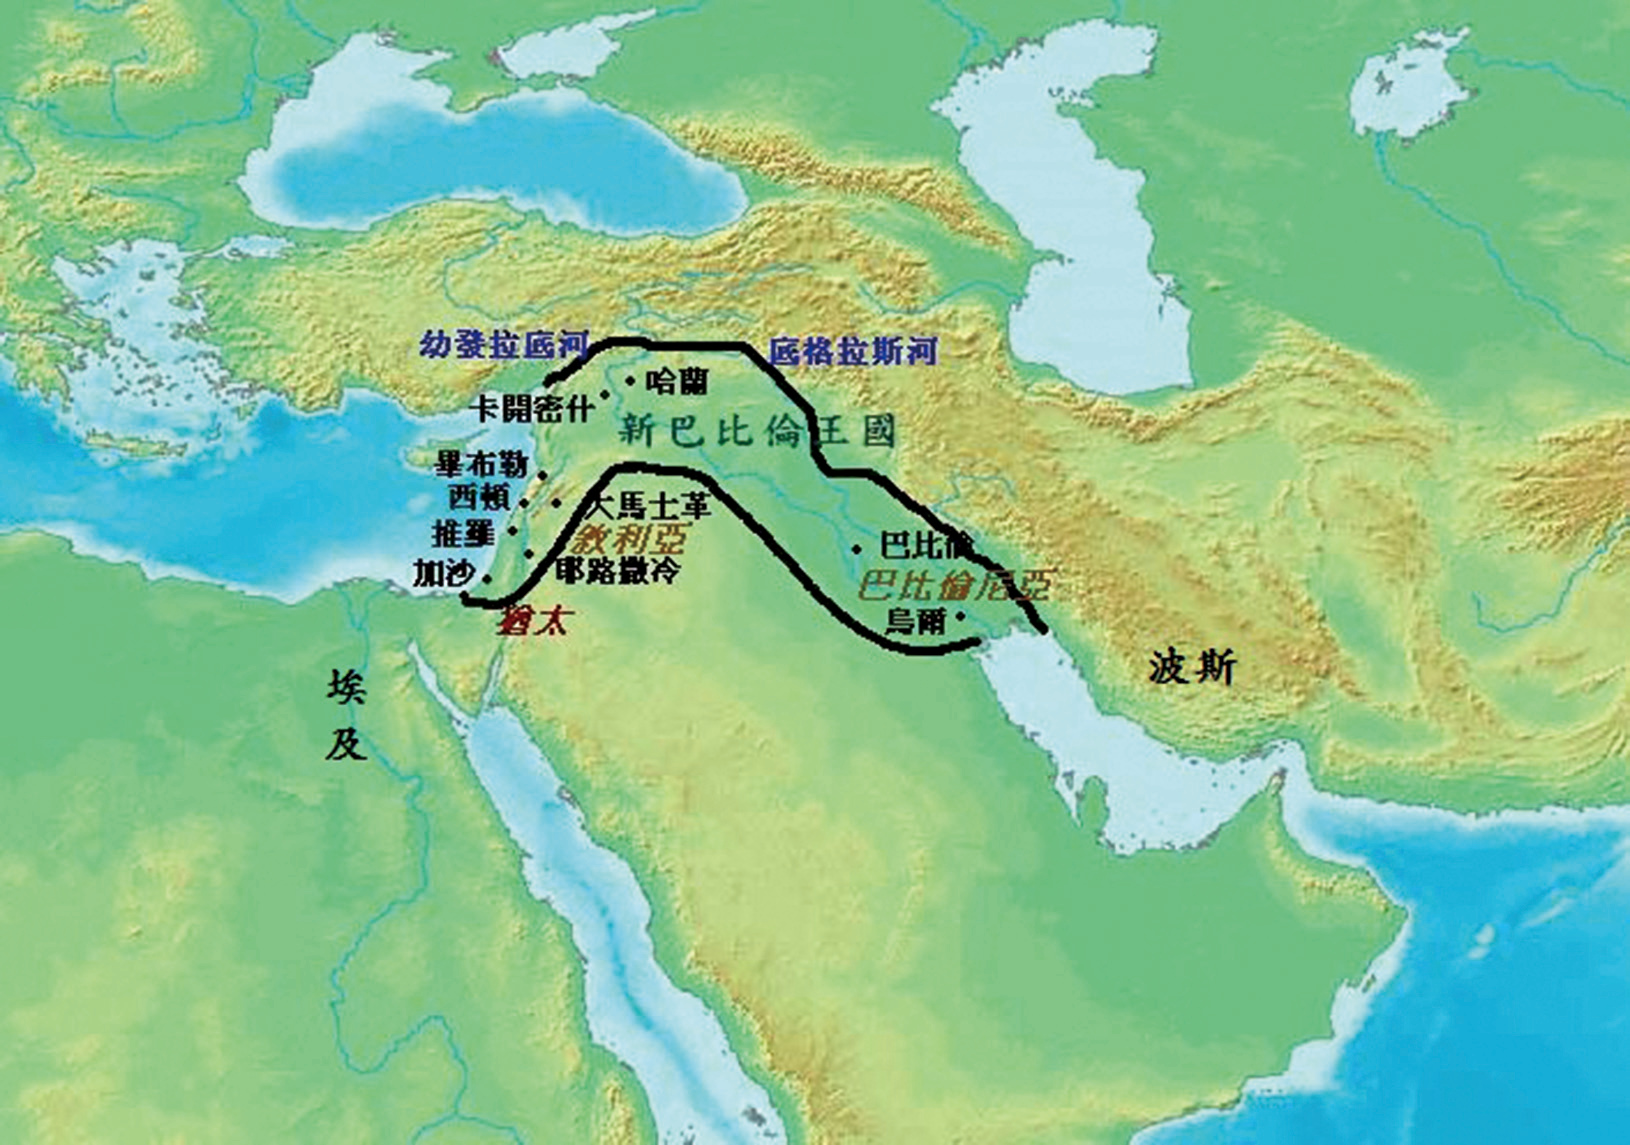 聖城期待神再臨——耶路撒冷四千年的故事(三)